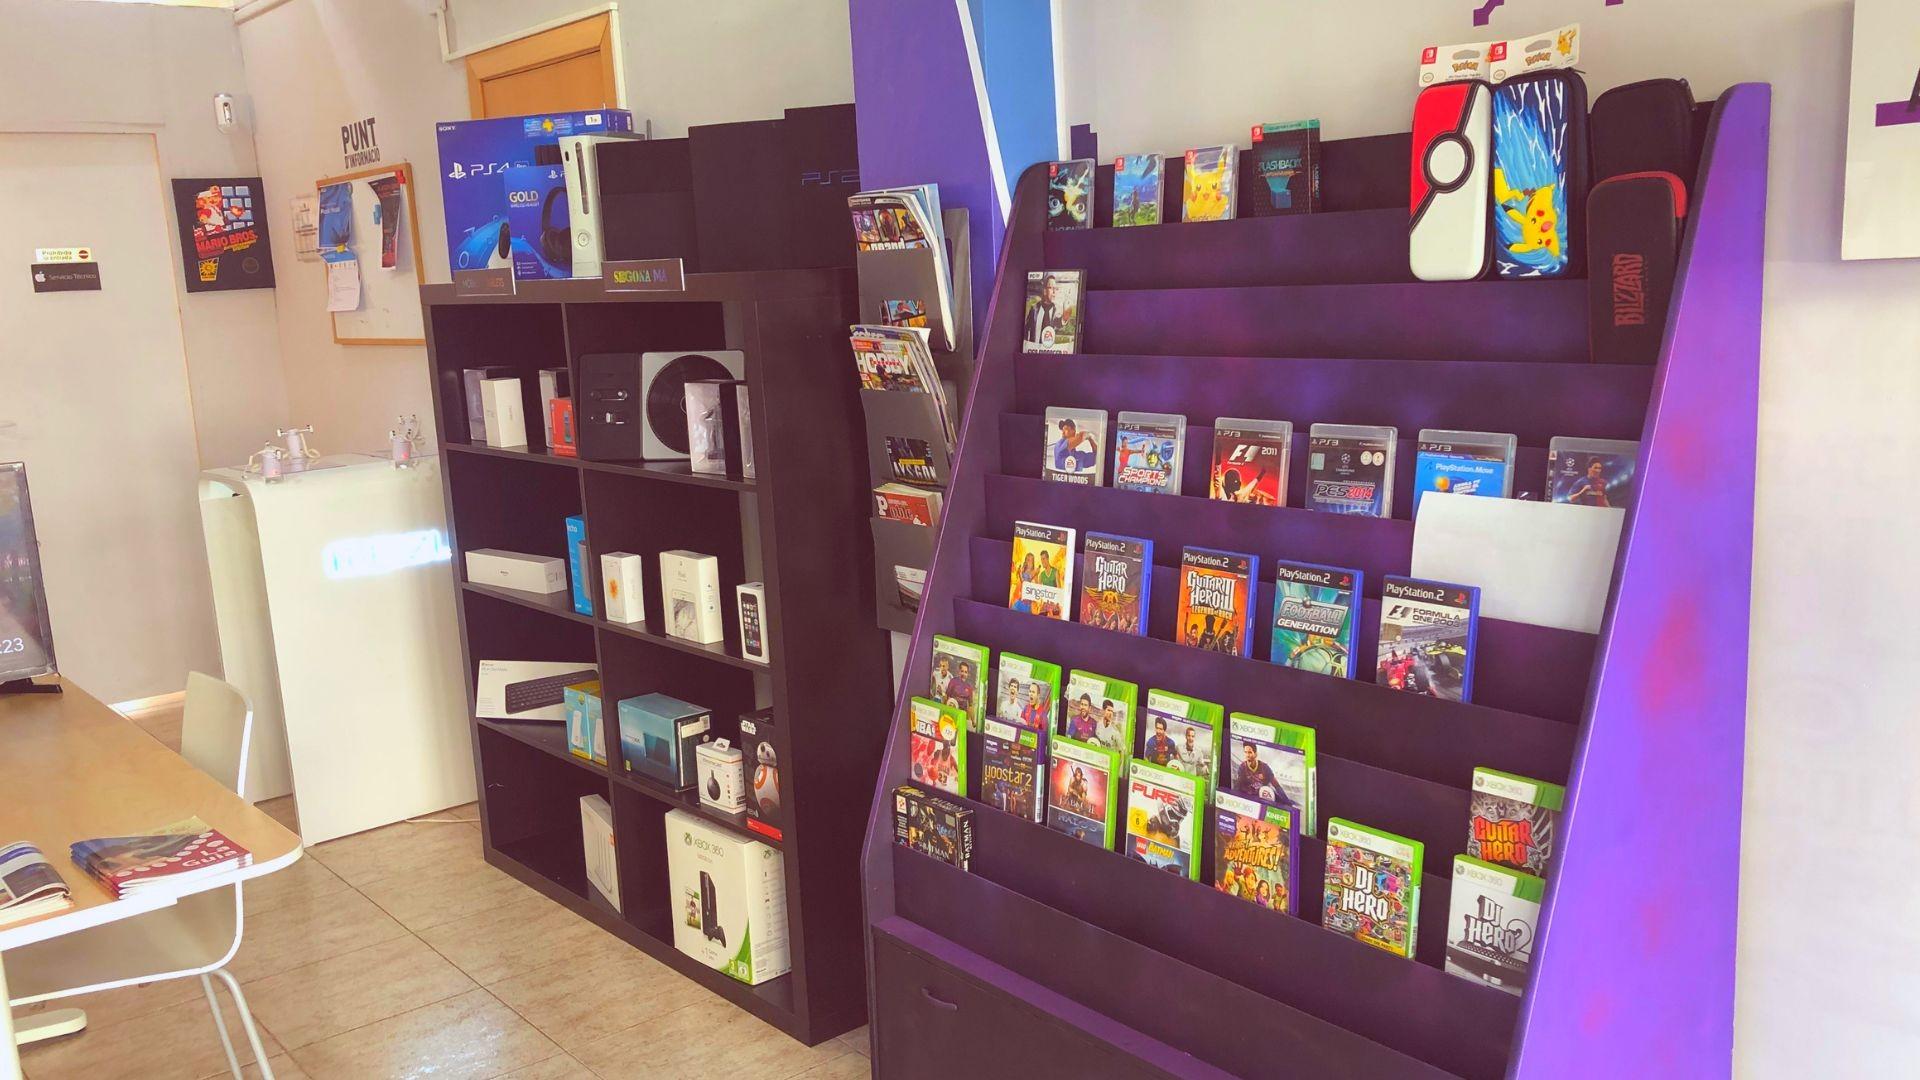 Digitech Store